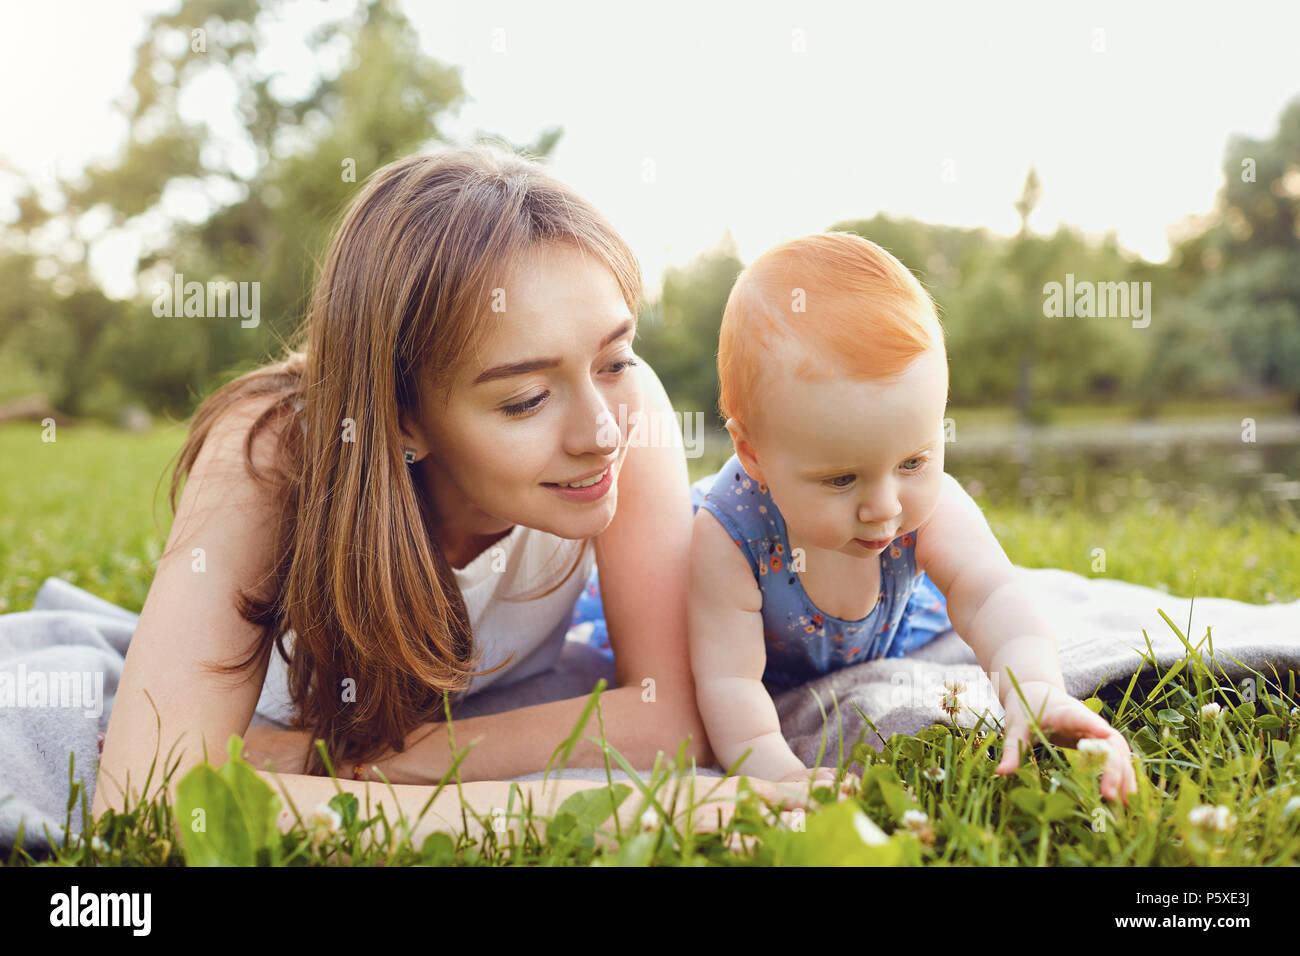 La mère et l'enfant jouant sur l'herbe en parc. Photo Stock